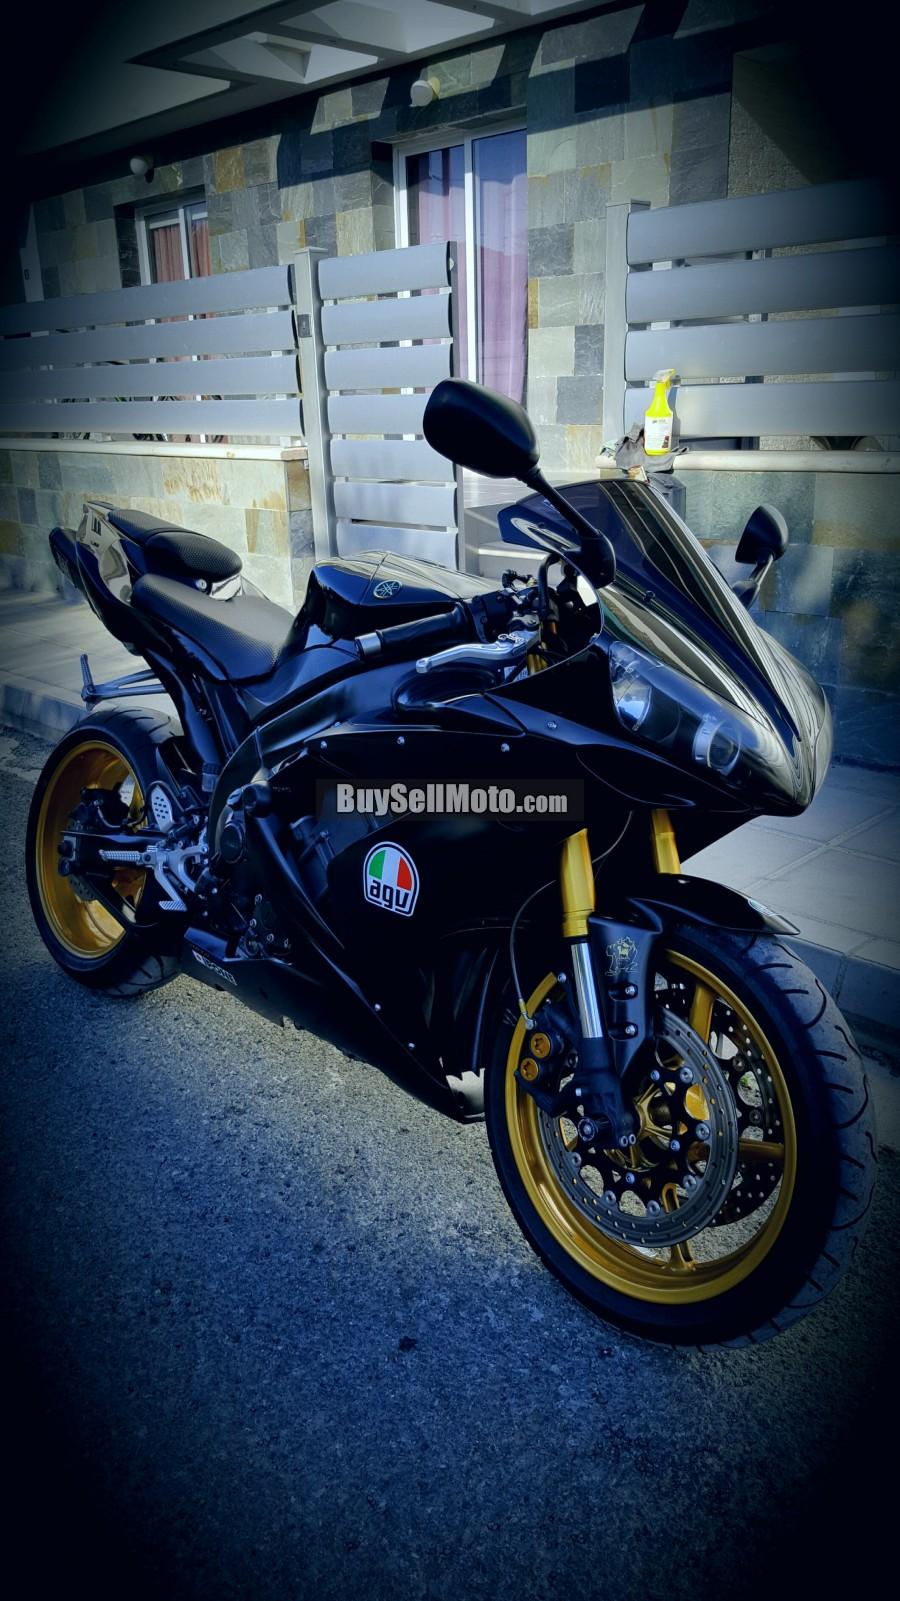 for sale yamaha r1 2006 19383en cyprus motorcycles. Black Bedroom Furniture Sets. Home Design Ideas